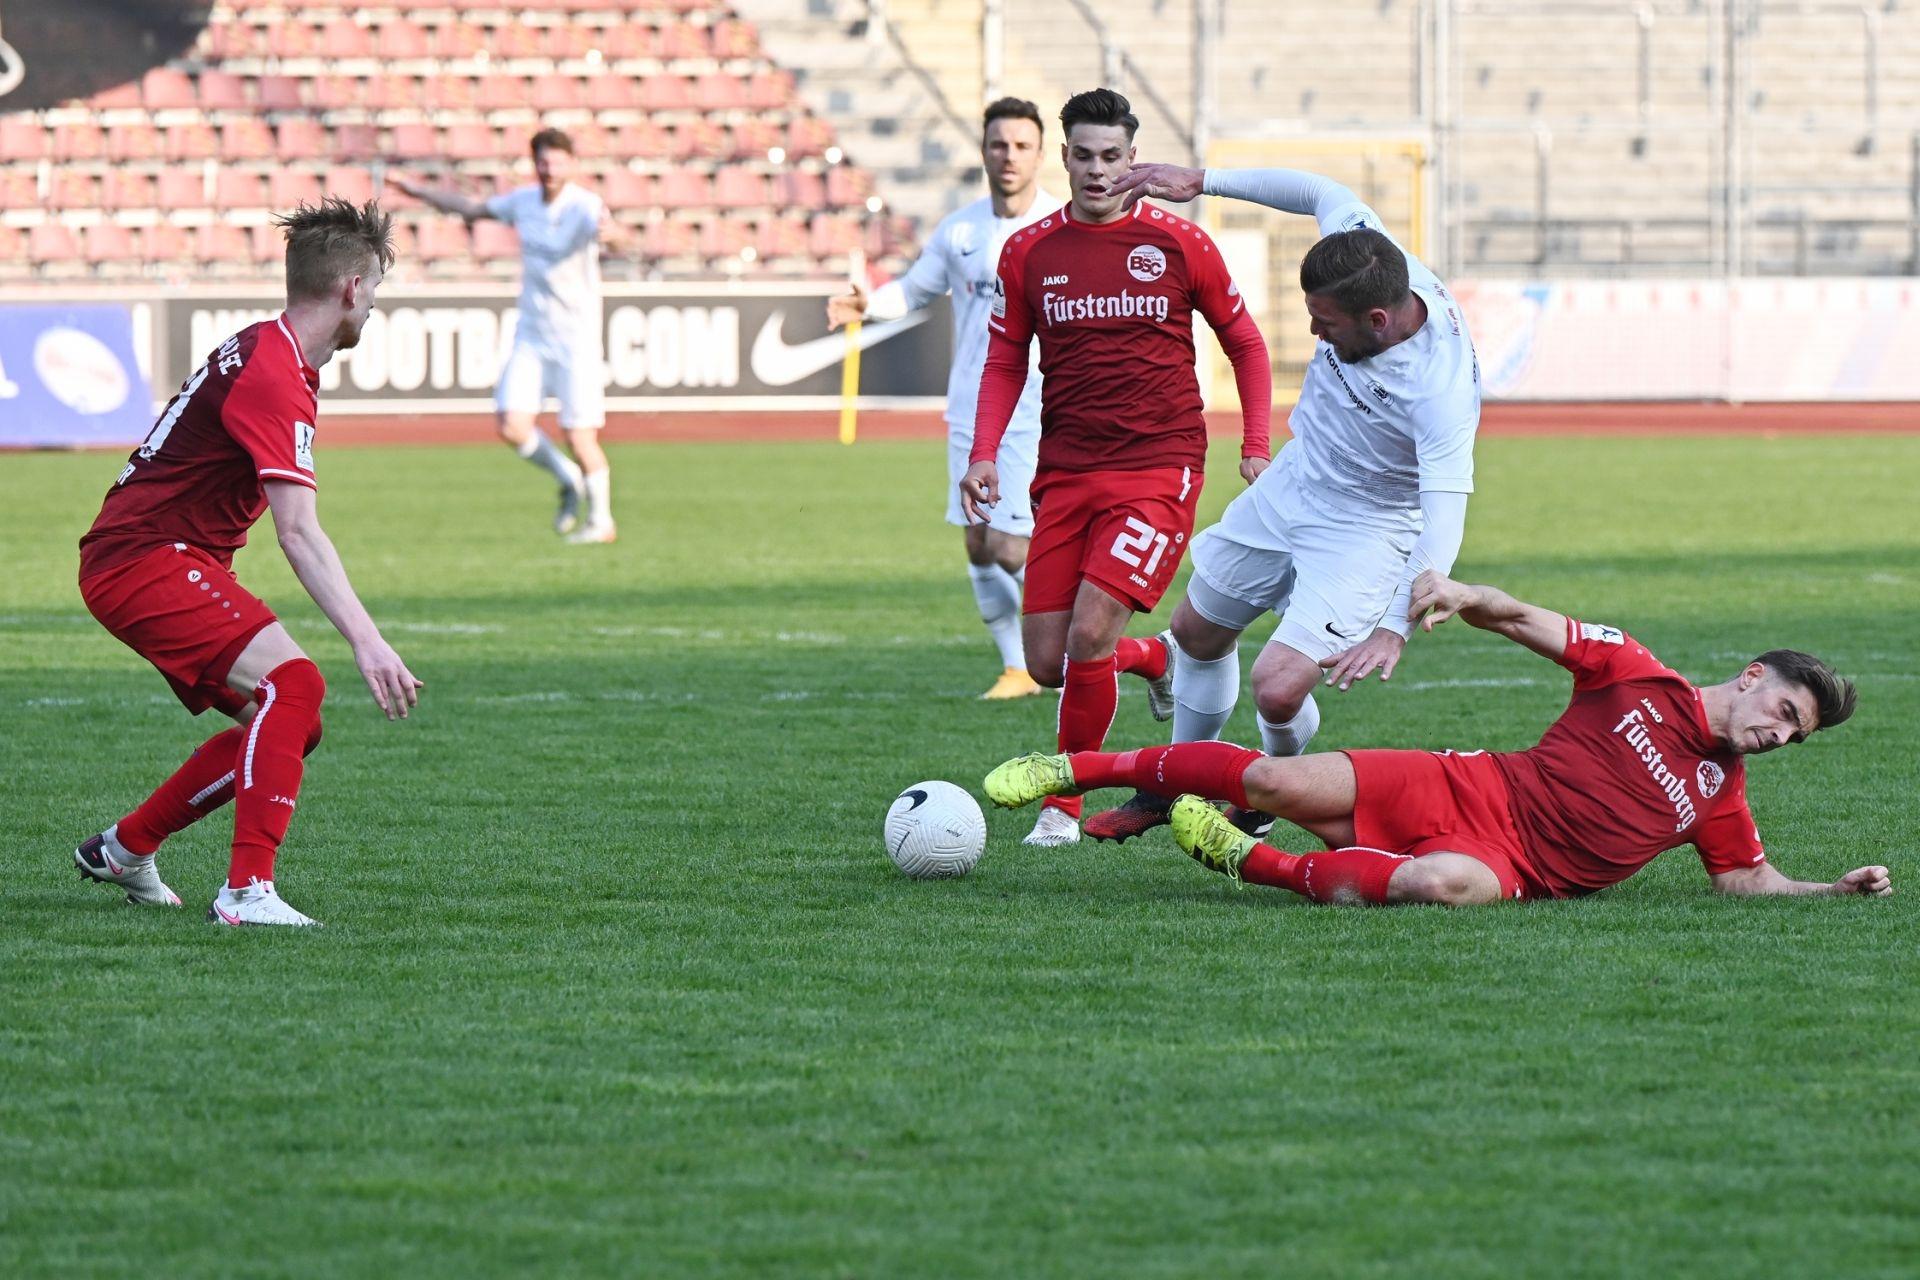 Regionalliga S�dwest 2020/21, KSV Hessen Kassel, Bahlinger SC, Endstand 1:1